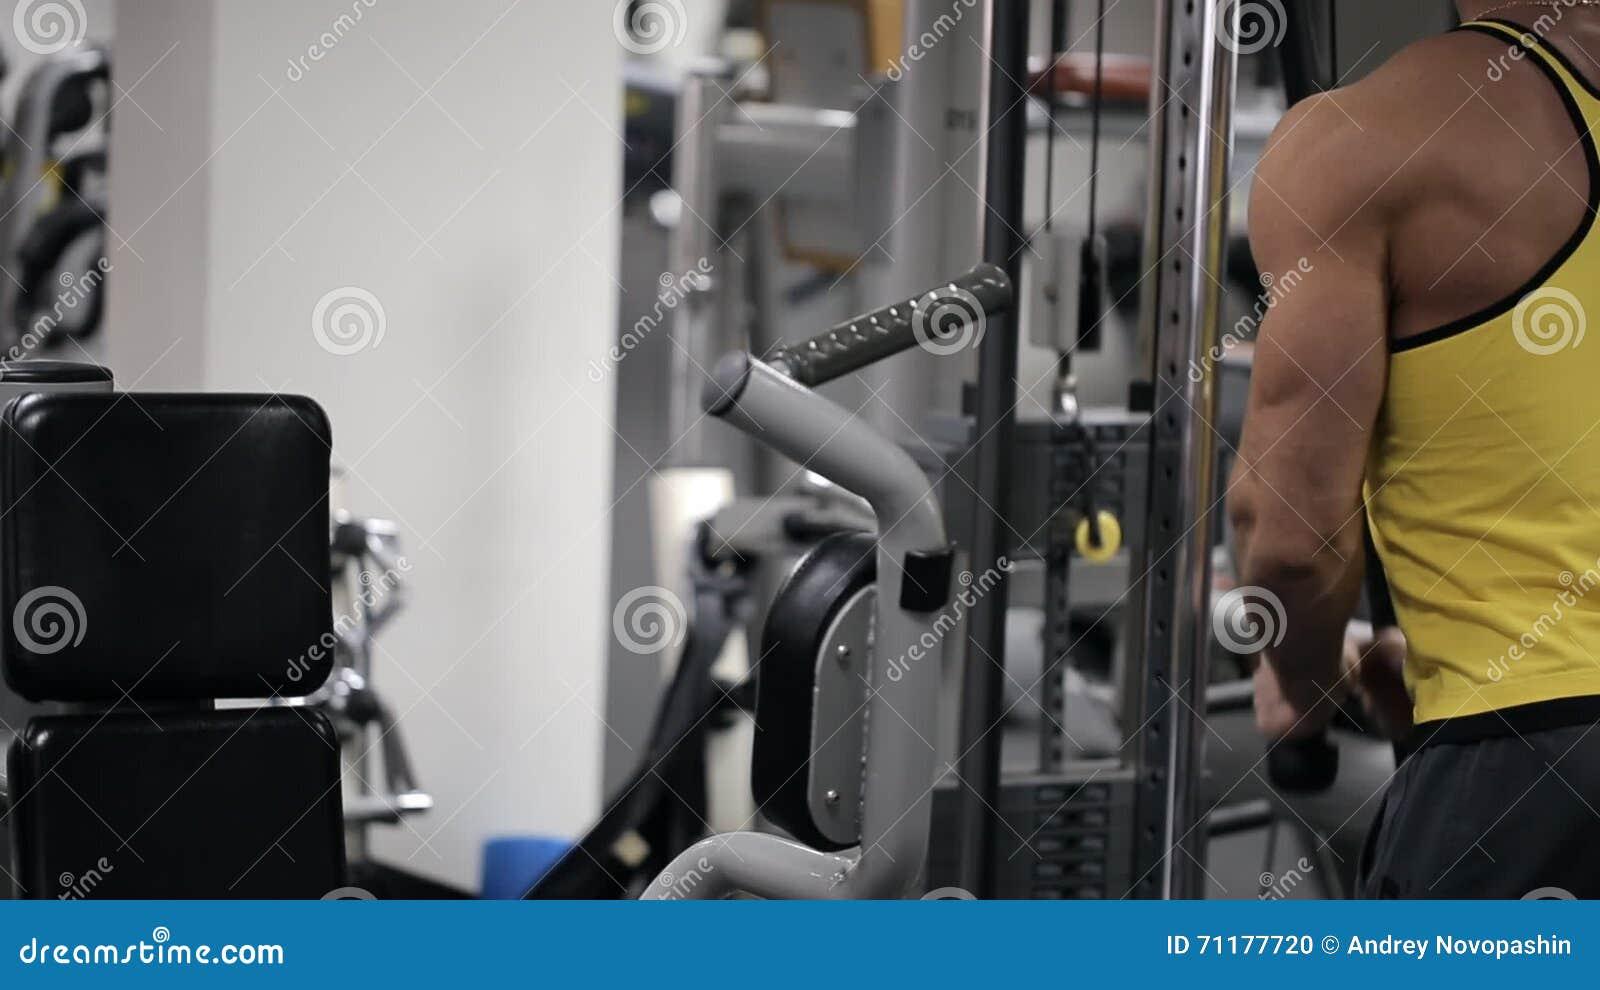 Circuito Gym : Circuito de spa spaminos